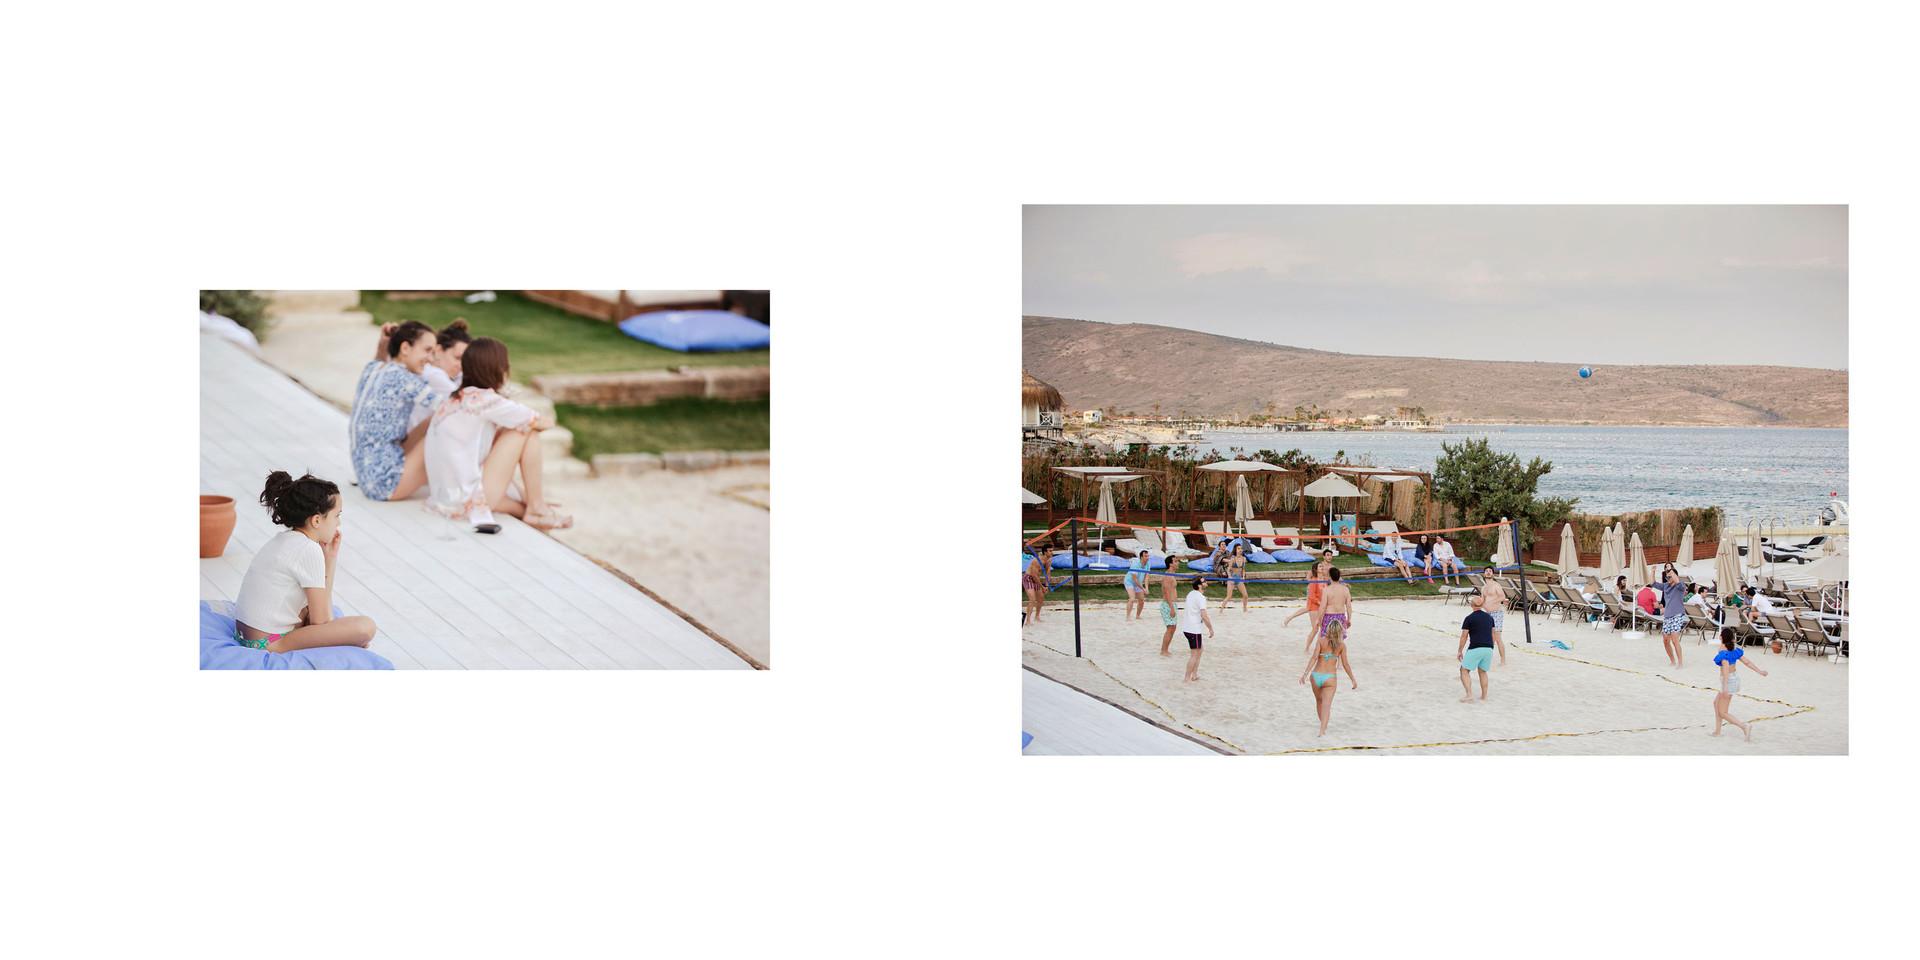 ZeynepKerem-30x30_47.jpg